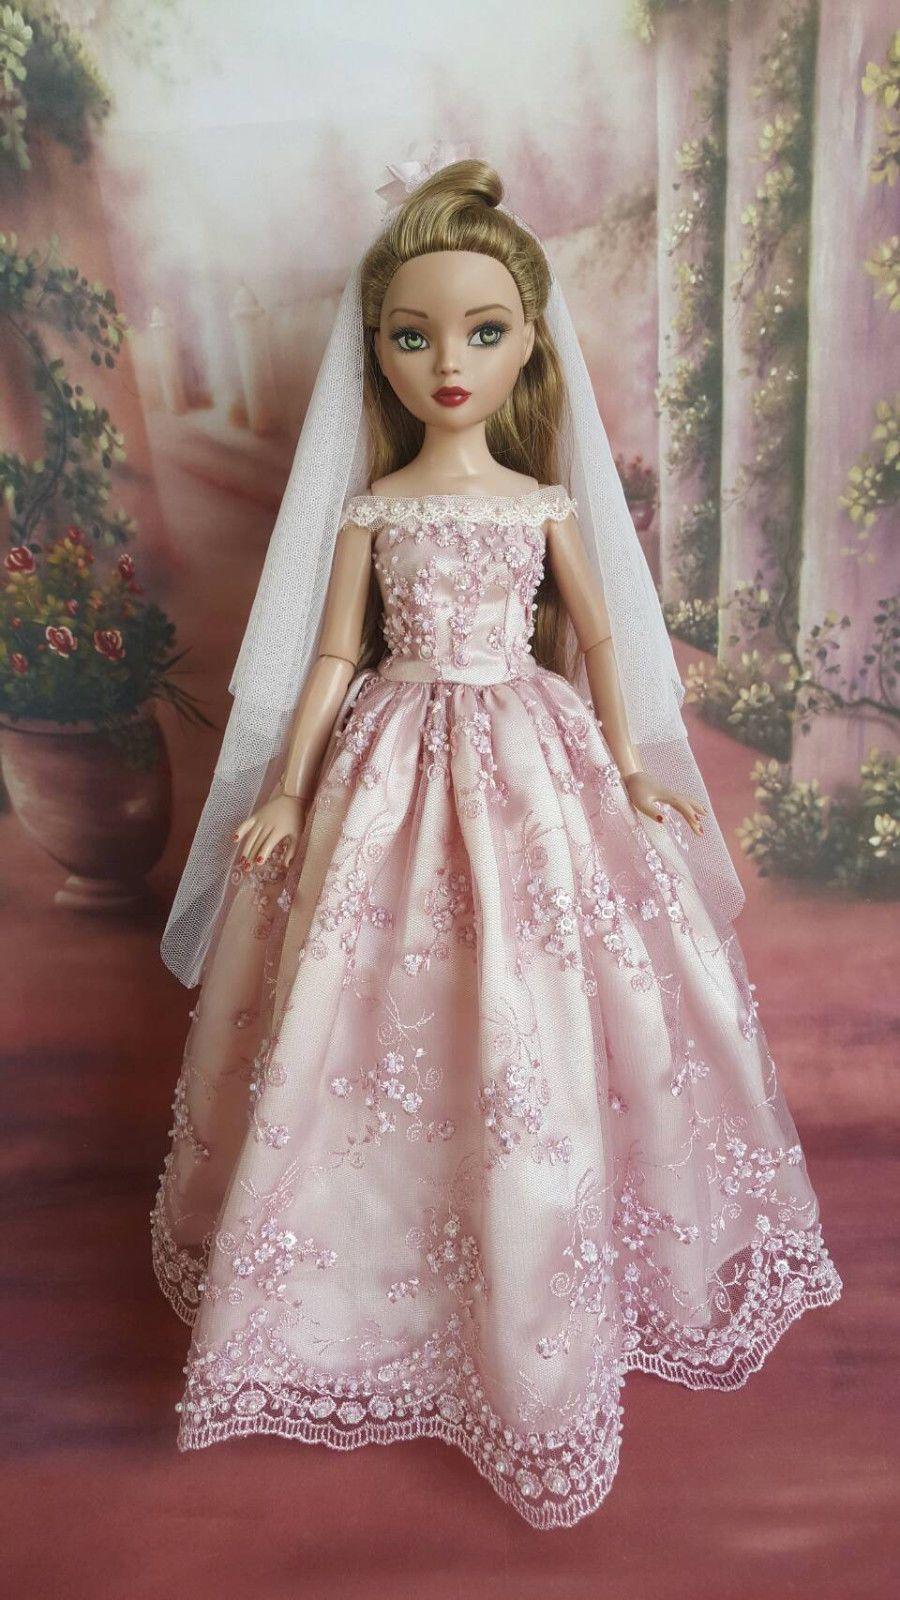 Wedding gown for Ellowyne Wilde16 inch Tonner doll-P50 | eBay ...